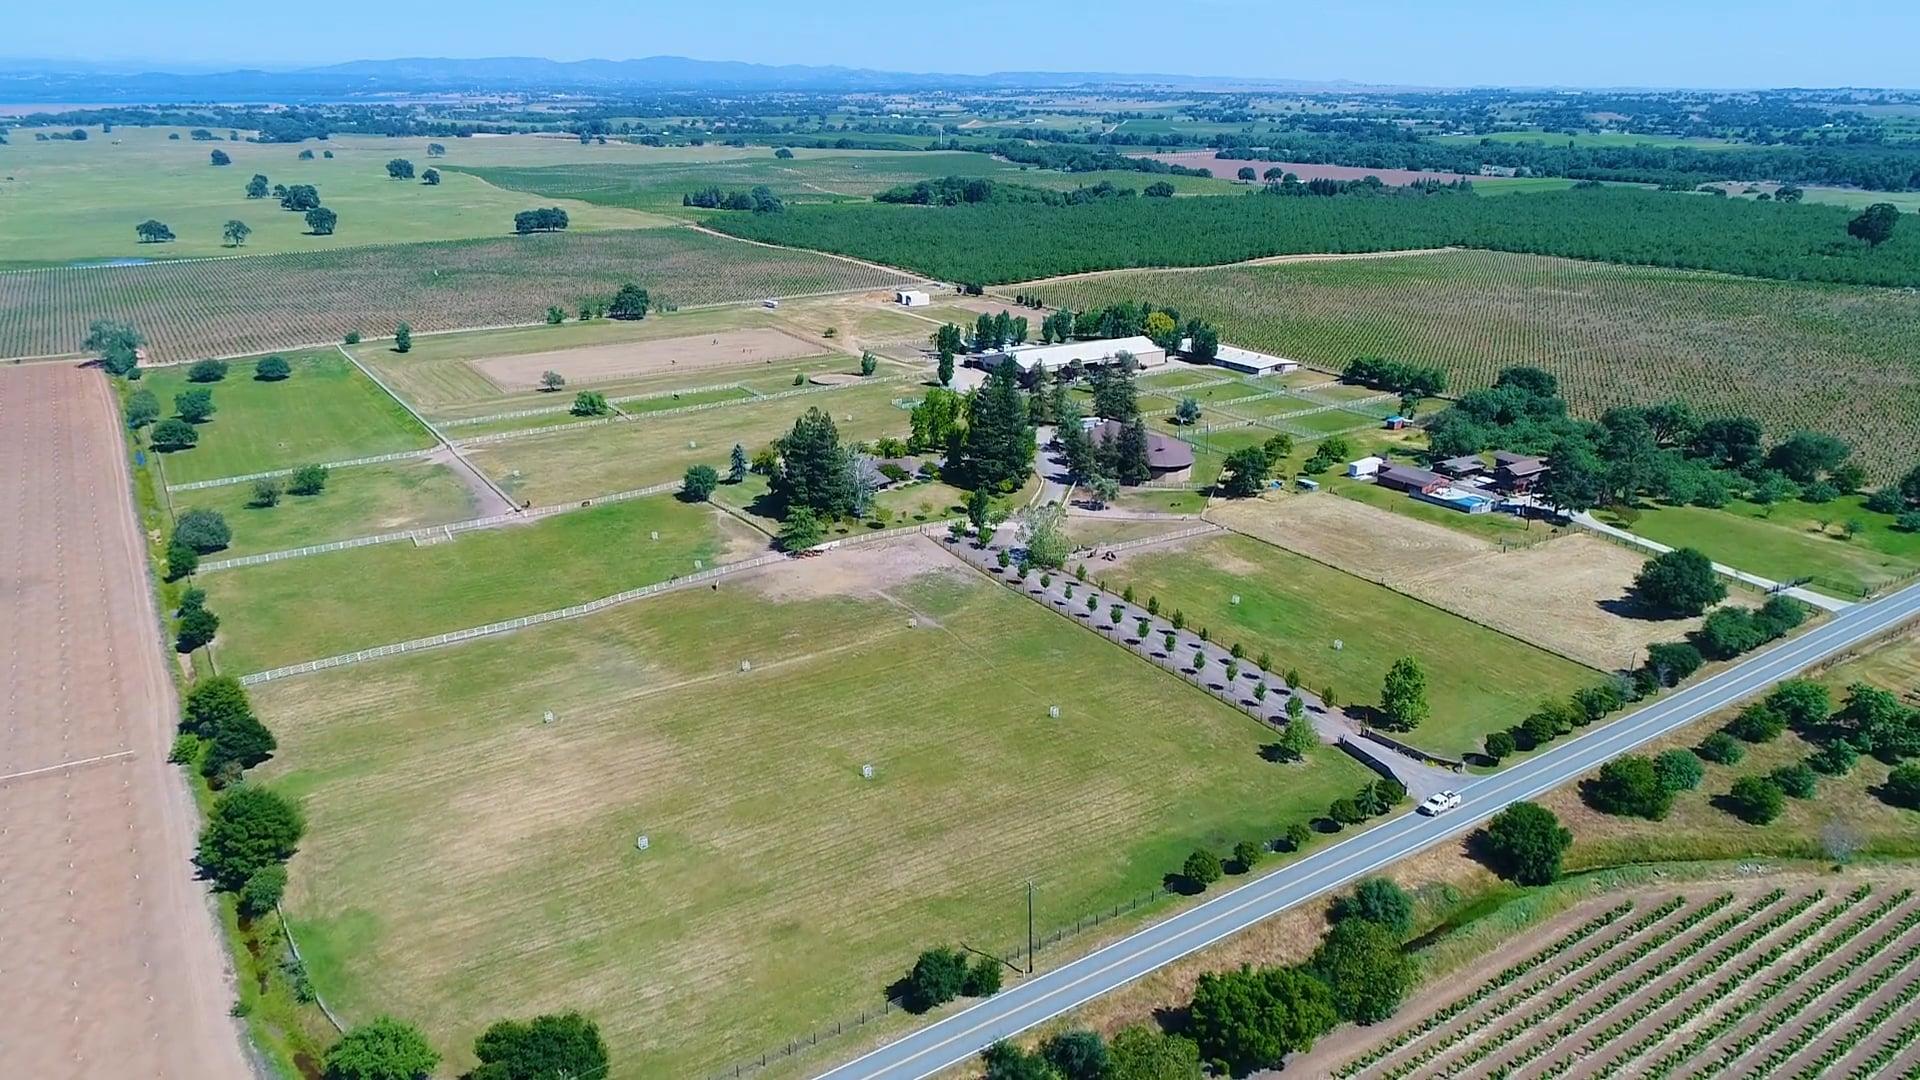 Take a Tour of 7M Ranch